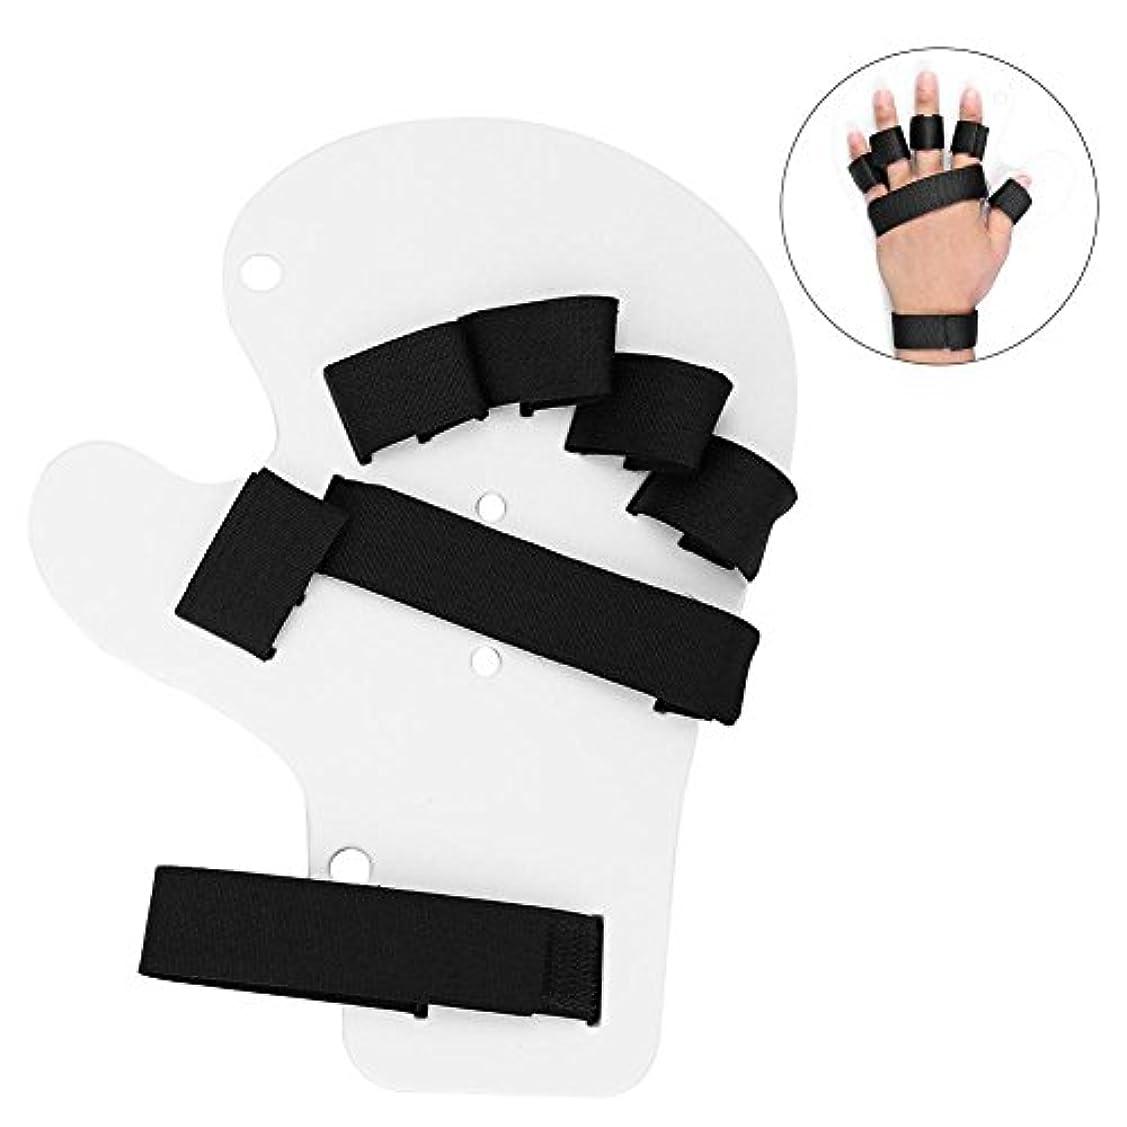 柔和承認する考える指の訓練板、両手のための指の装具の指板手の添え木の訓練サポート(ホワイト)